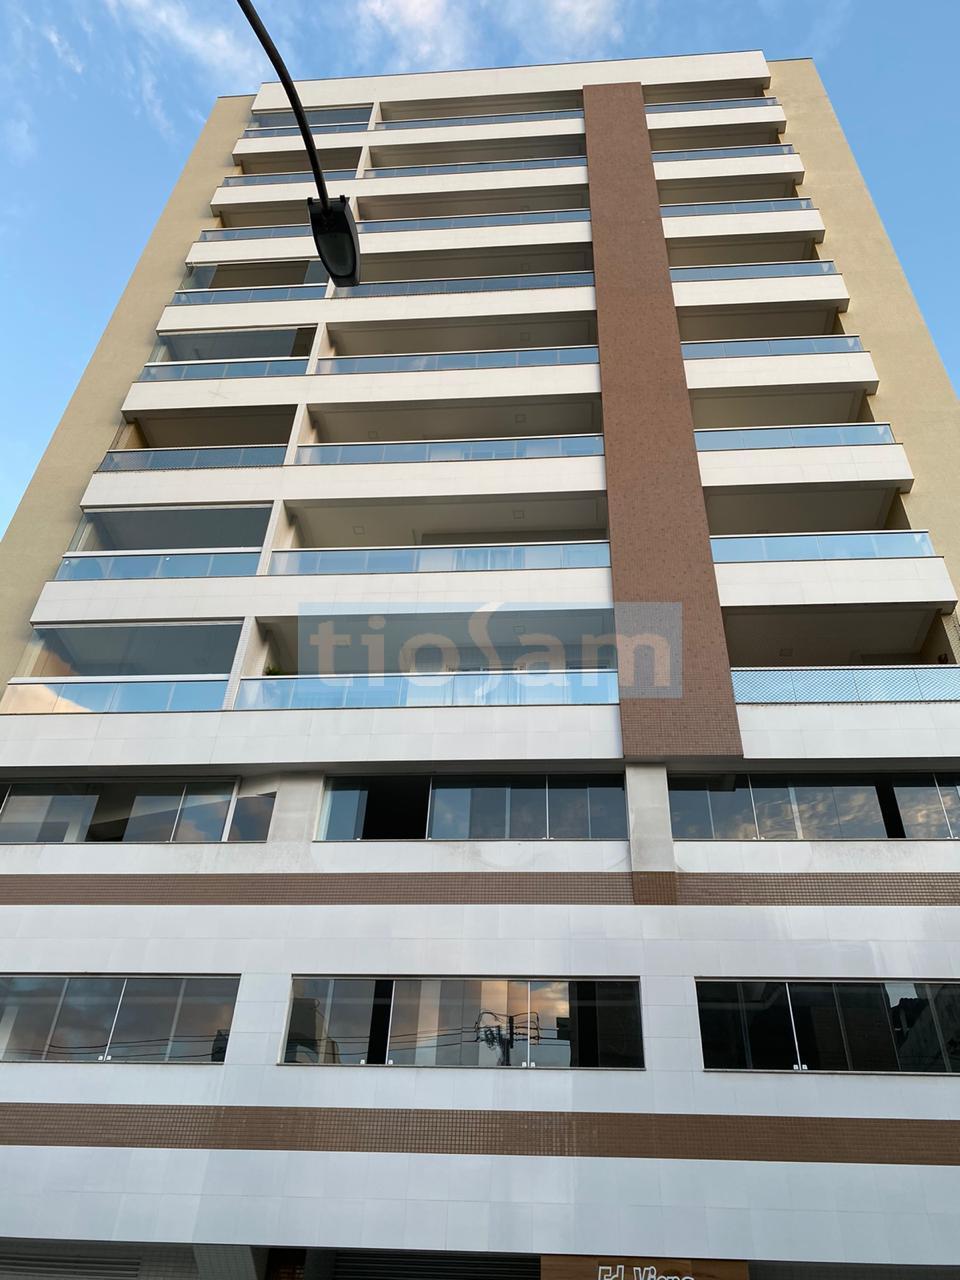 Apartamento  2 quartos mobiliado Praia do Morro Guarapari ES